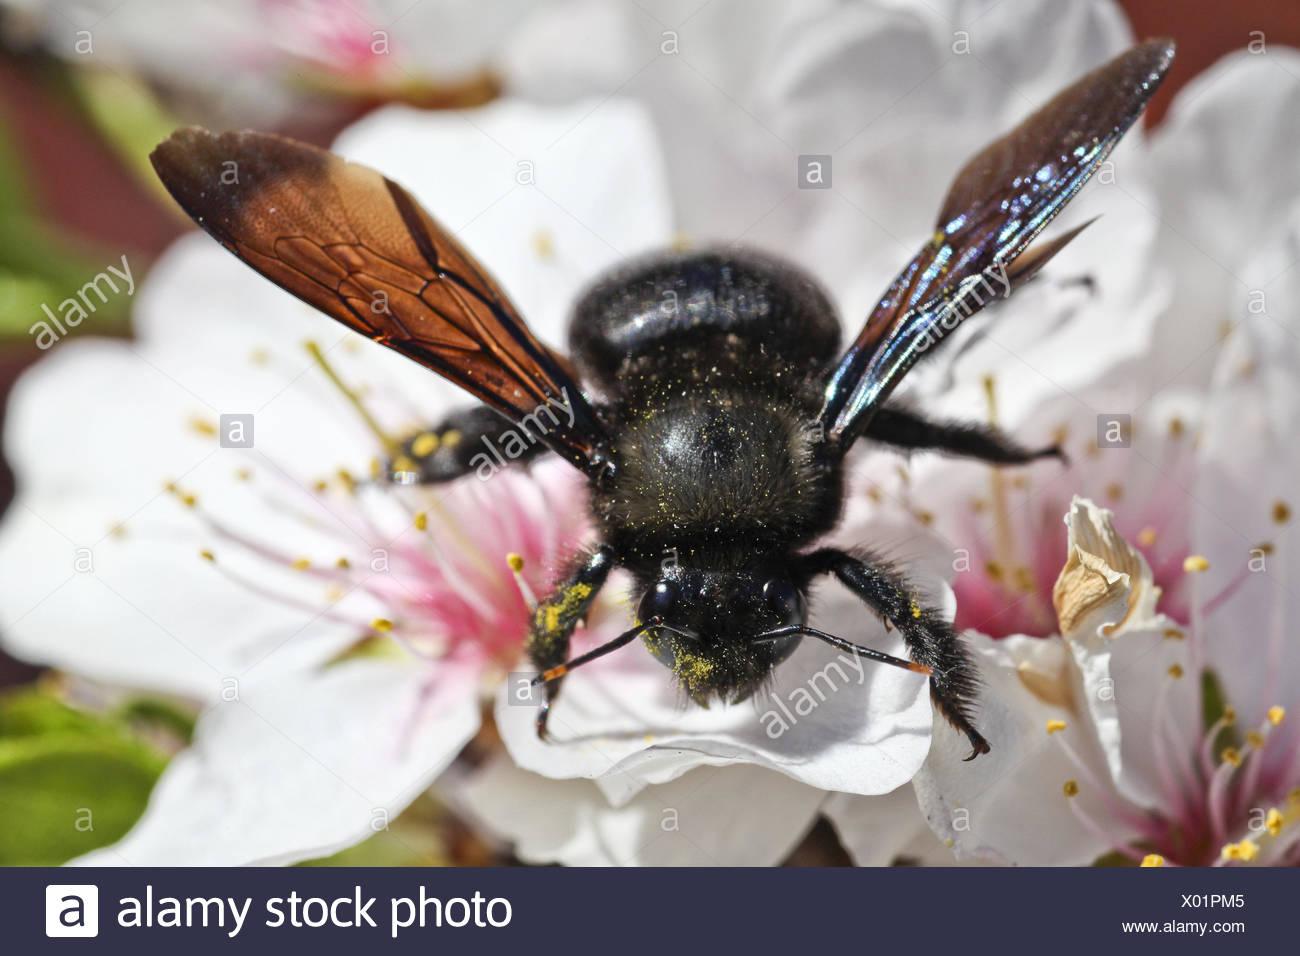 Fleur d'amygdales, abeille, Xylocopa violacea, Close up, Majorque, Les fleurs, les navires de la poussière, du nectar nectar, vol, recueillir, abeille, insecte, hyménoptères, des animaux, de l'ensemble du corps, le pollen, Photo Stock